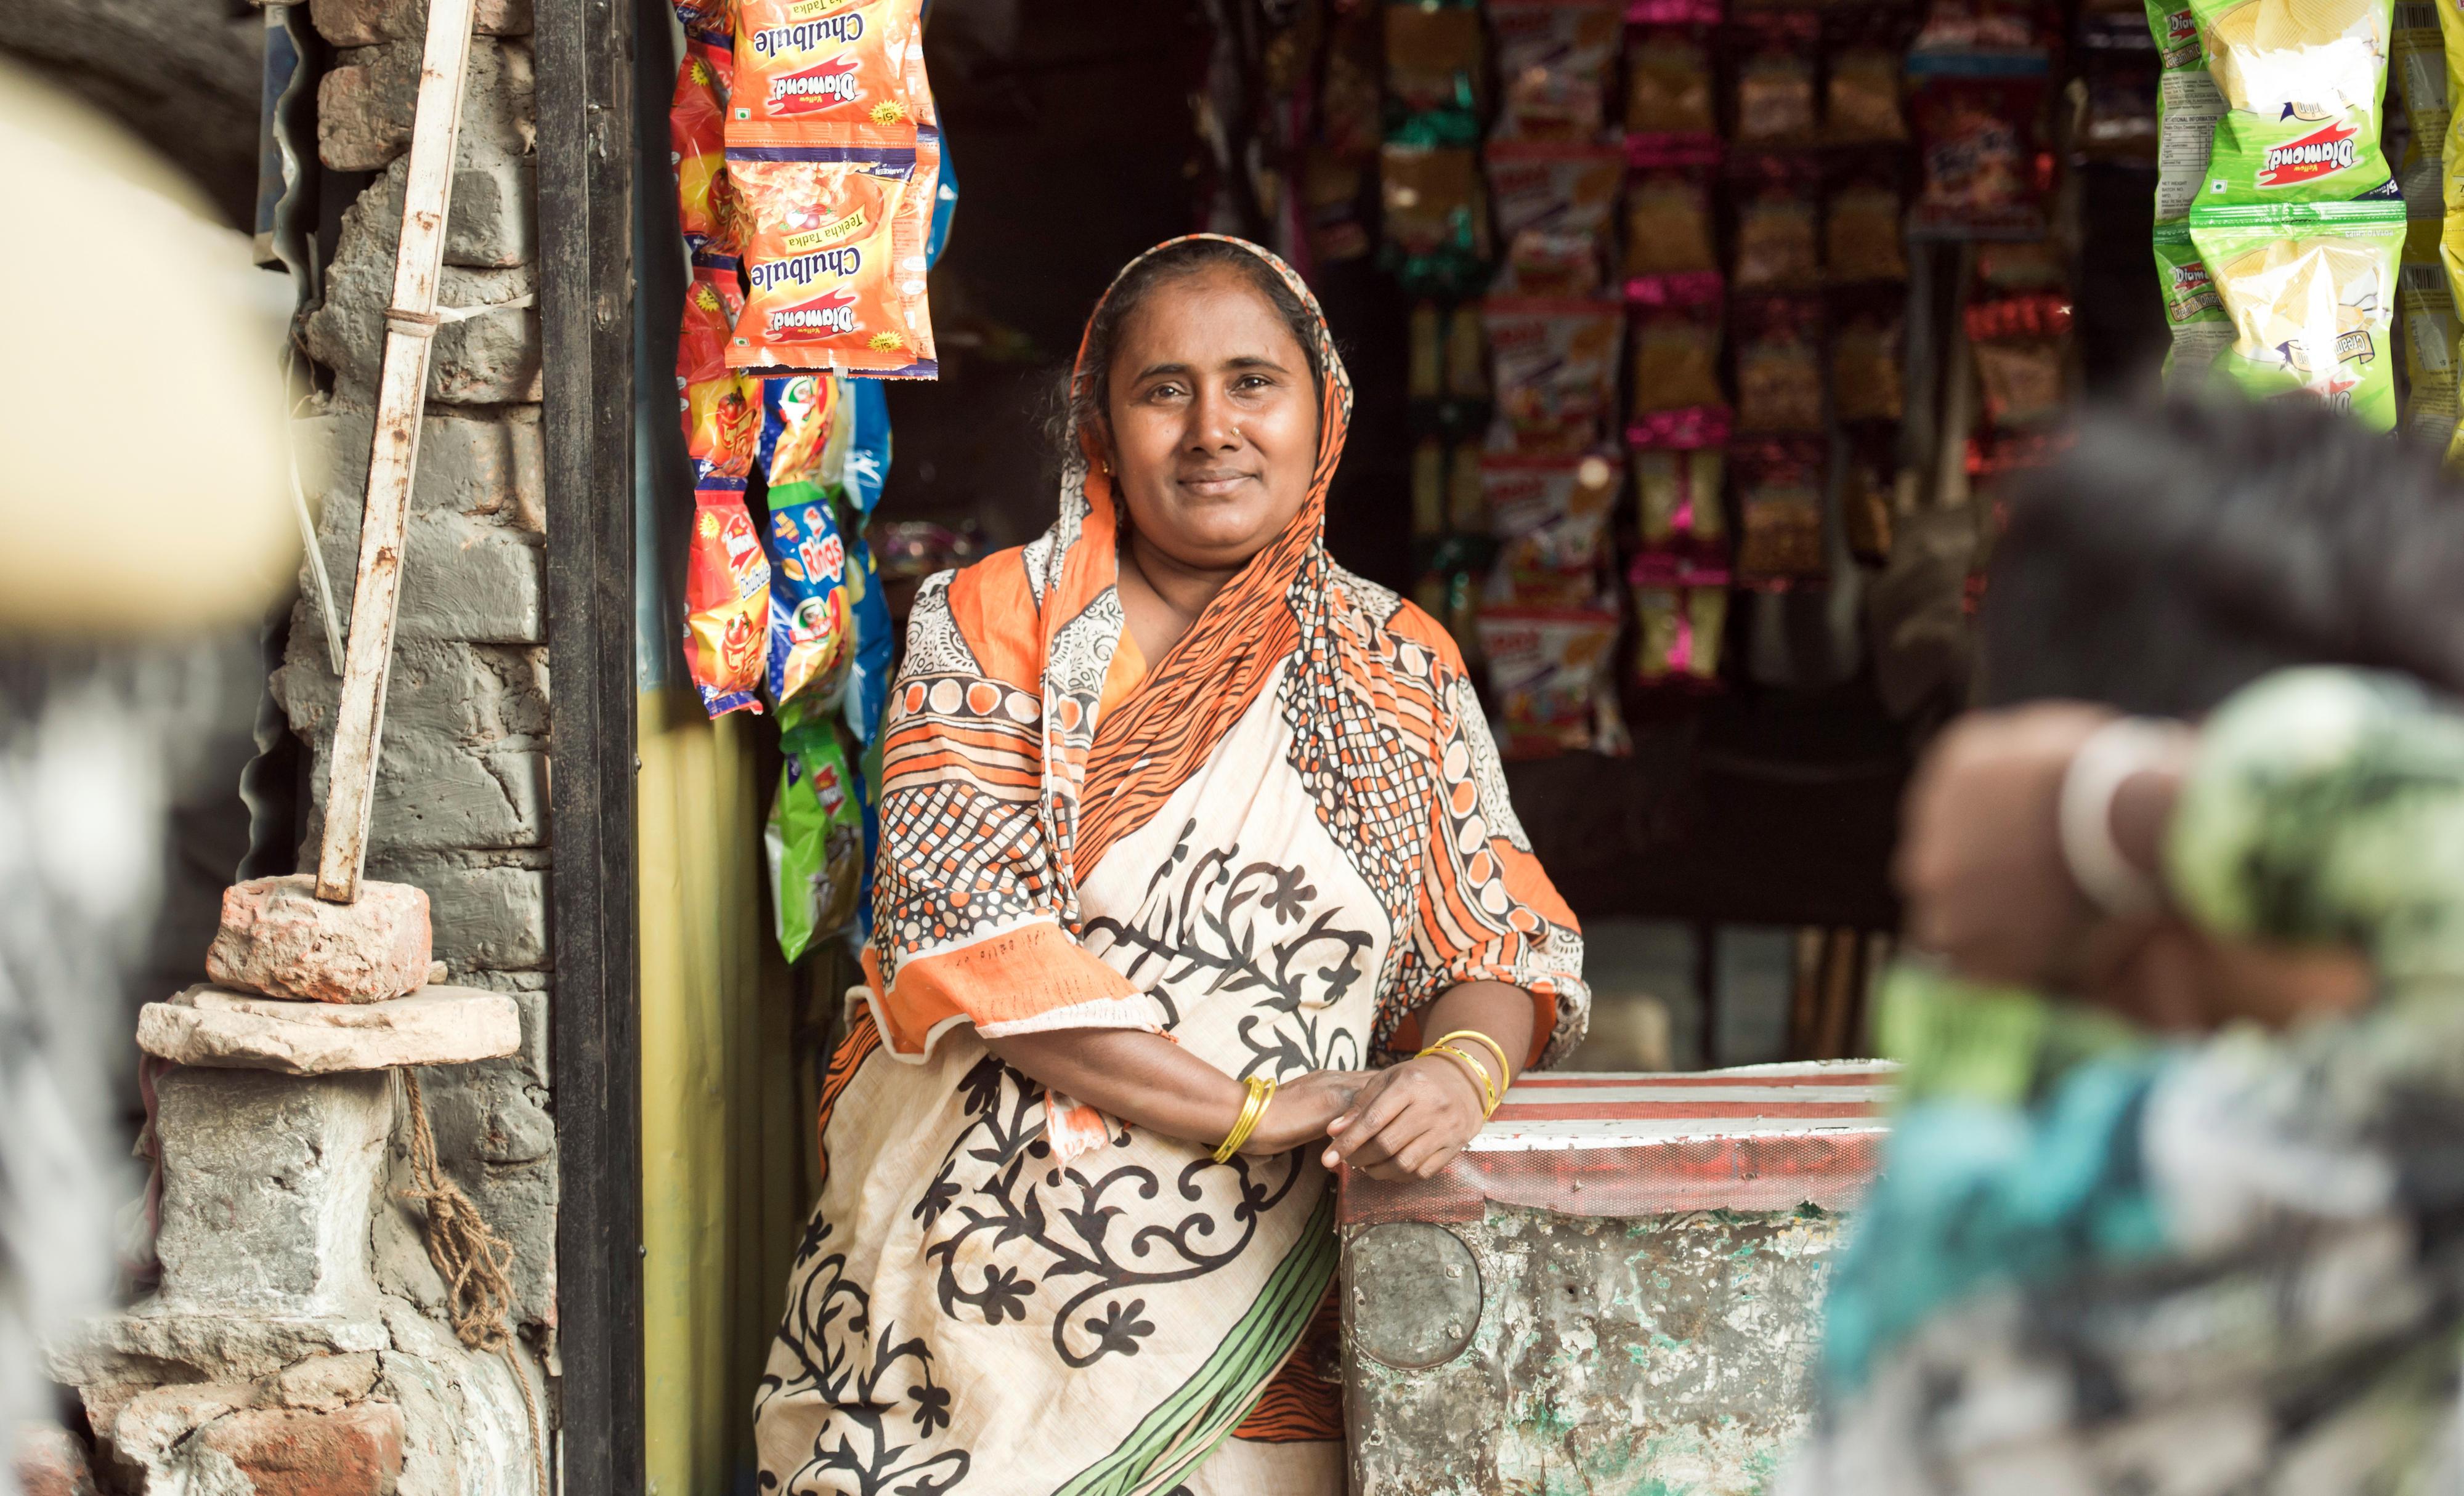 Besitzerin eines kleinen Ladens in einem Slum in Neu-Delhi